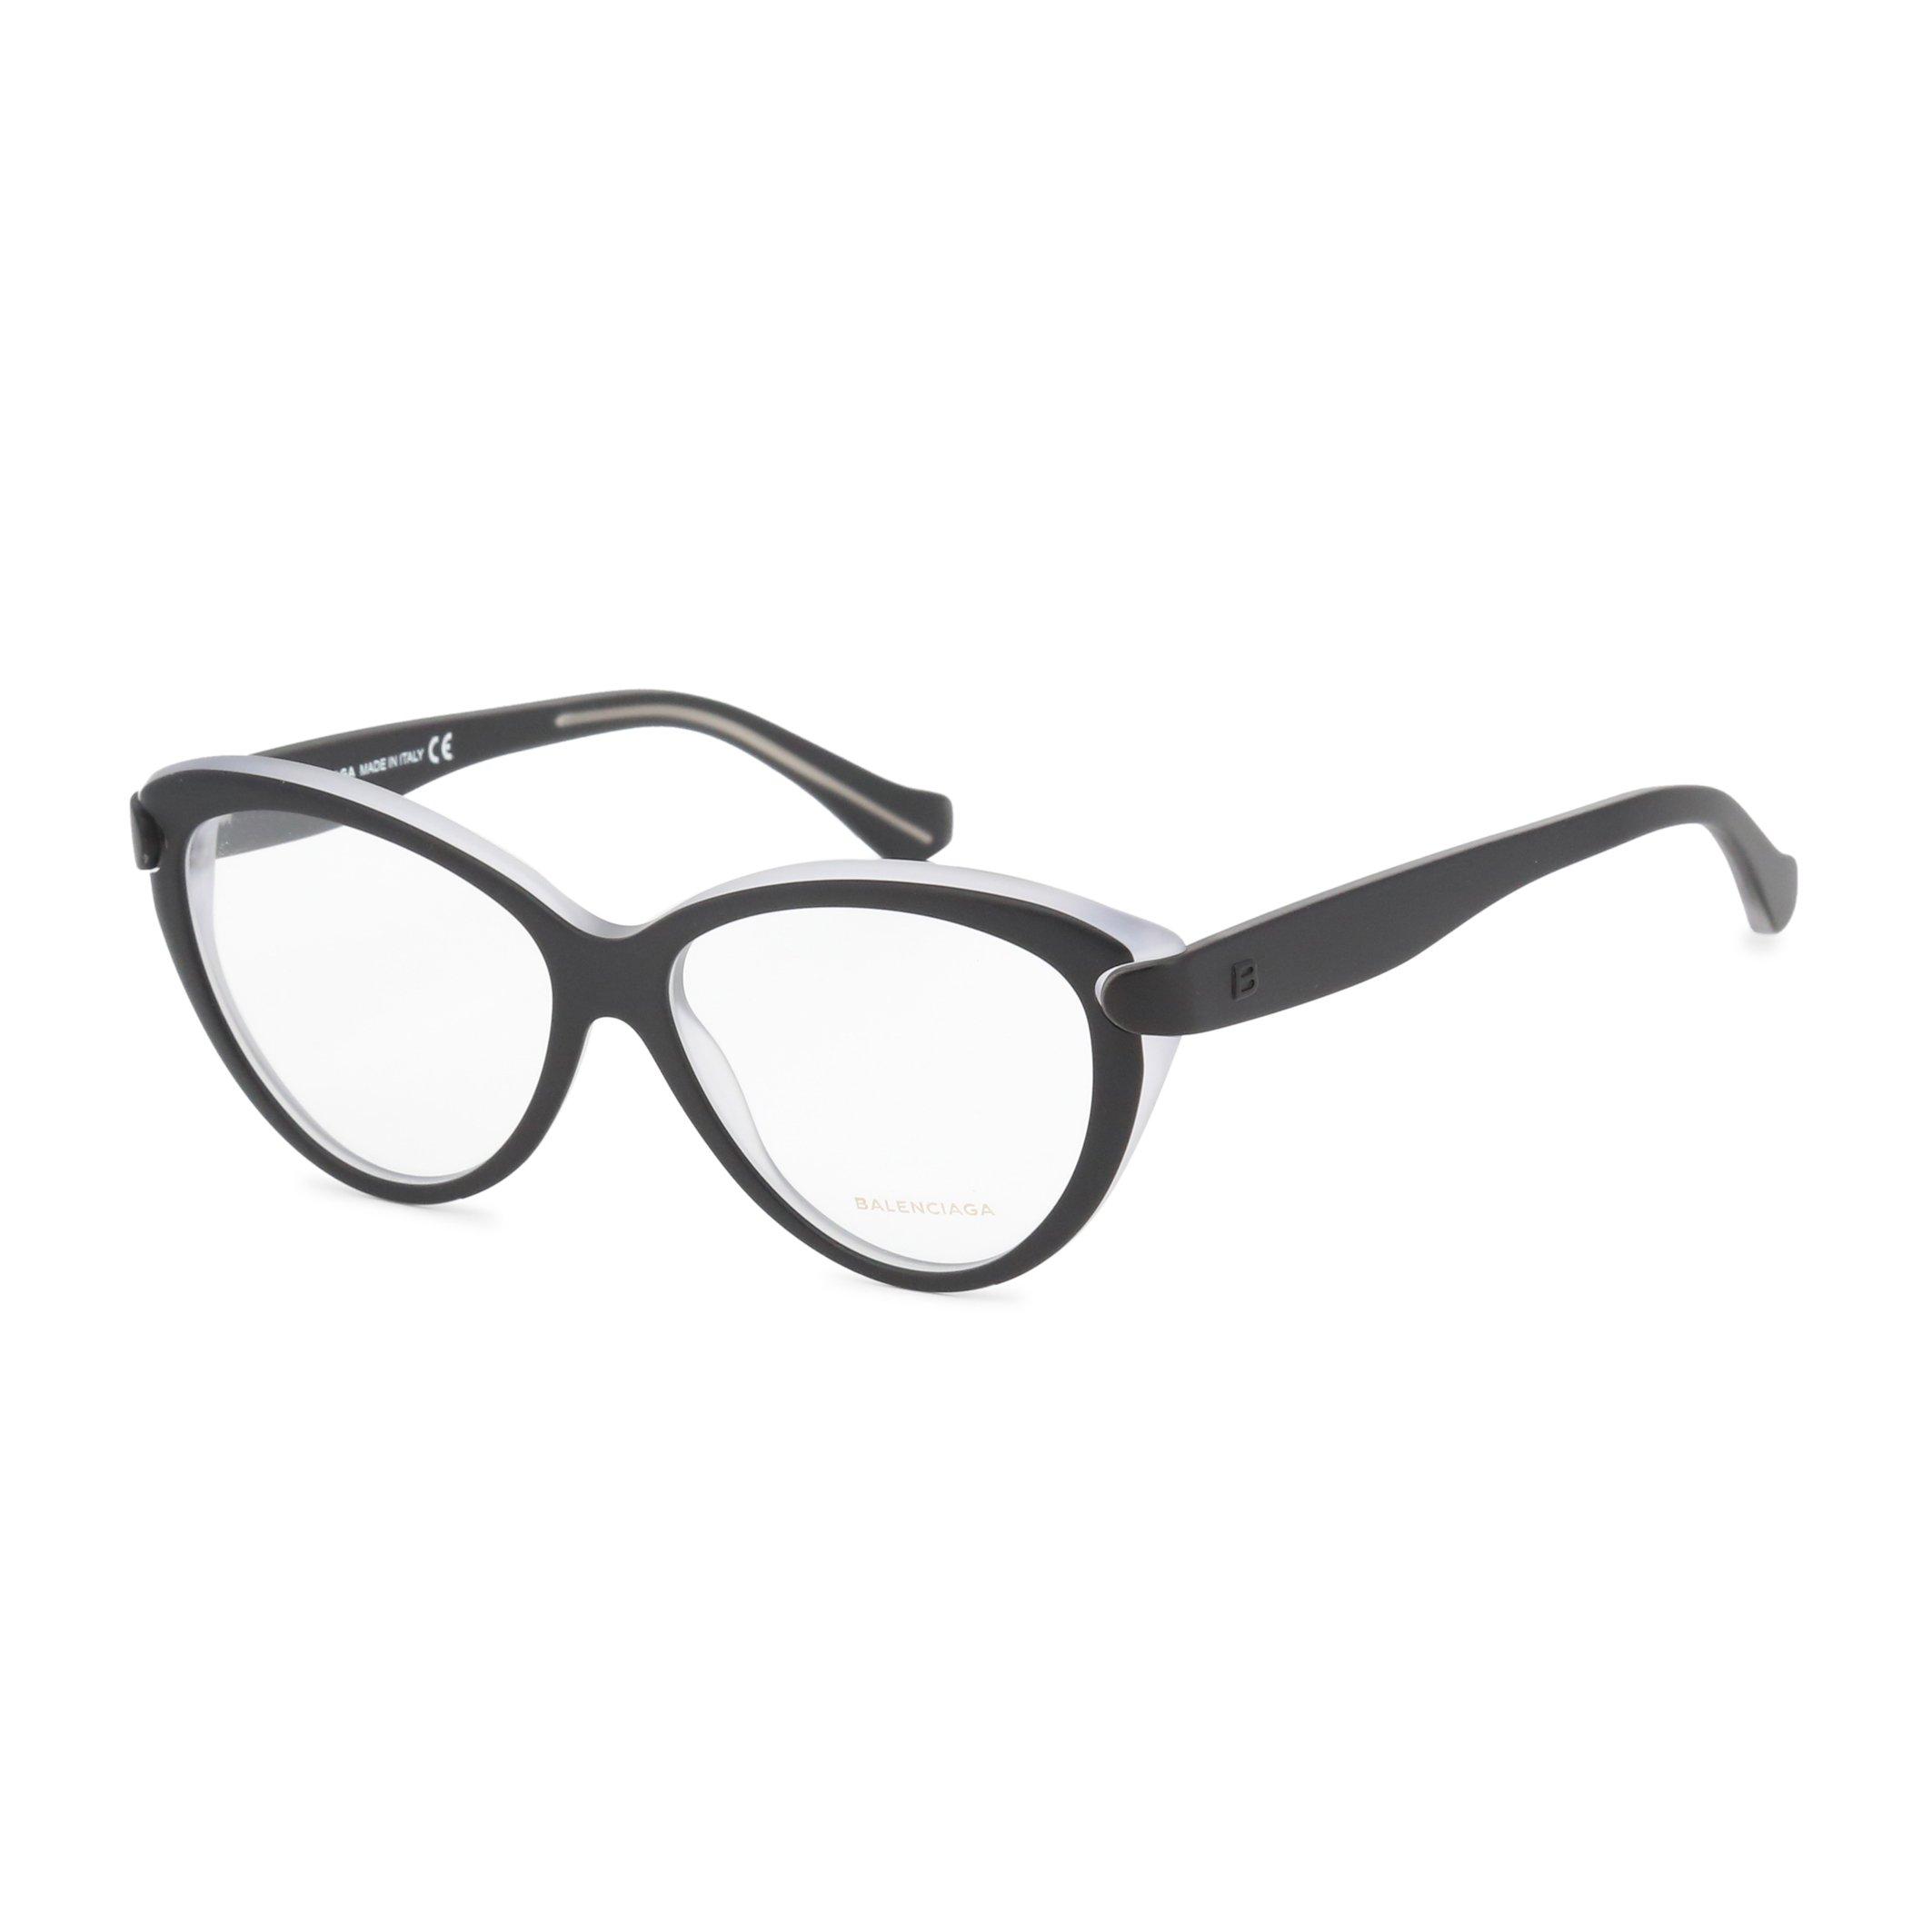 Balenciaga - BA5026 - black NOSIZE